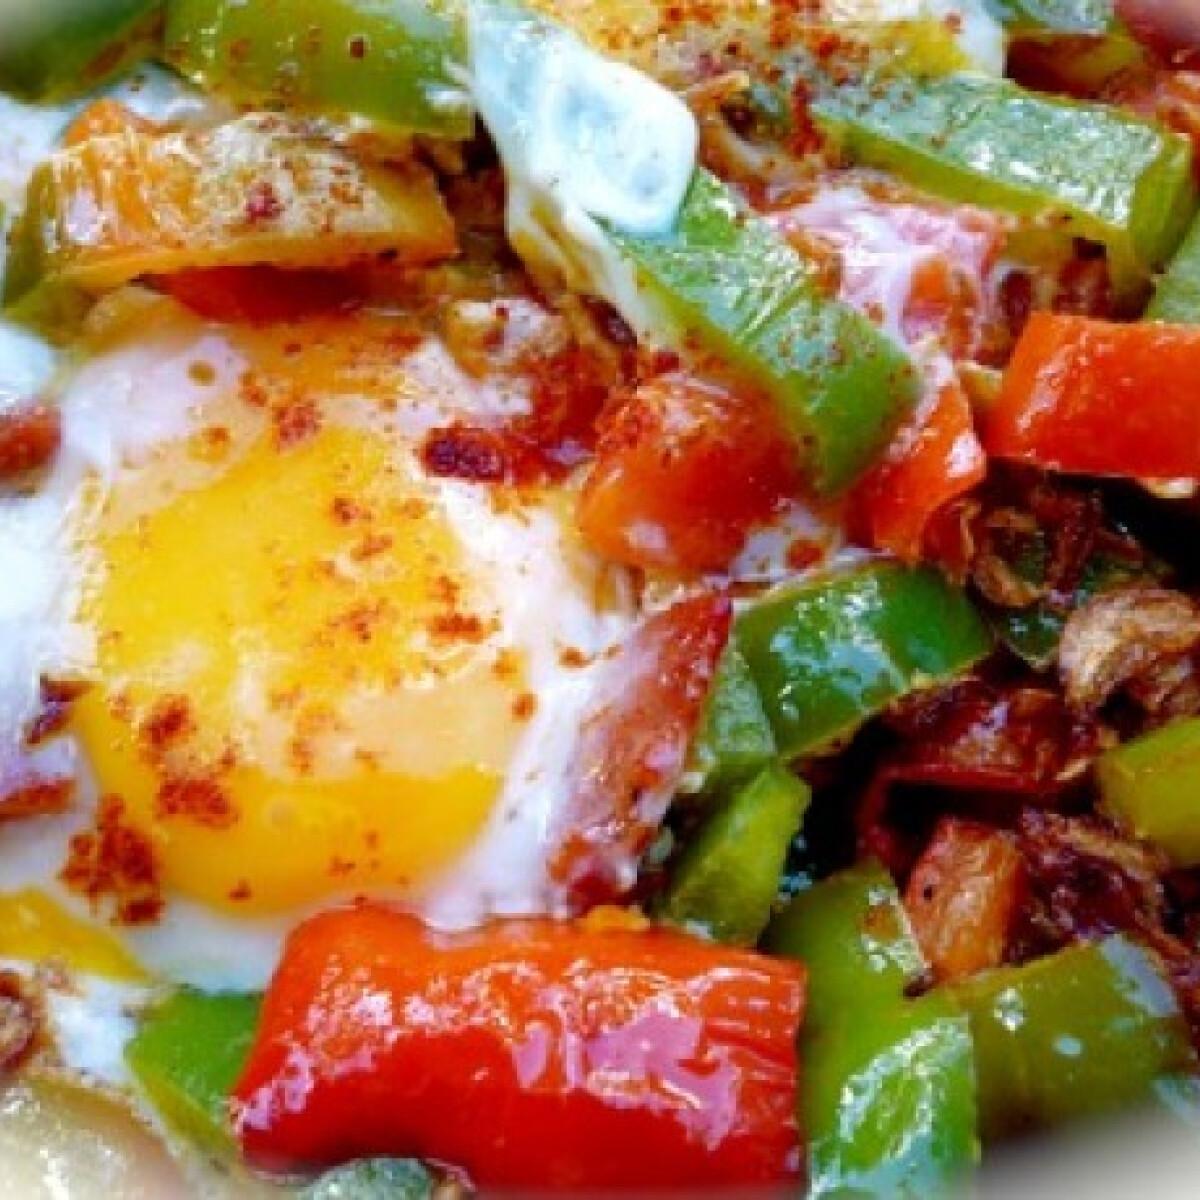 Gyors kolbászos-tojásos lecsó